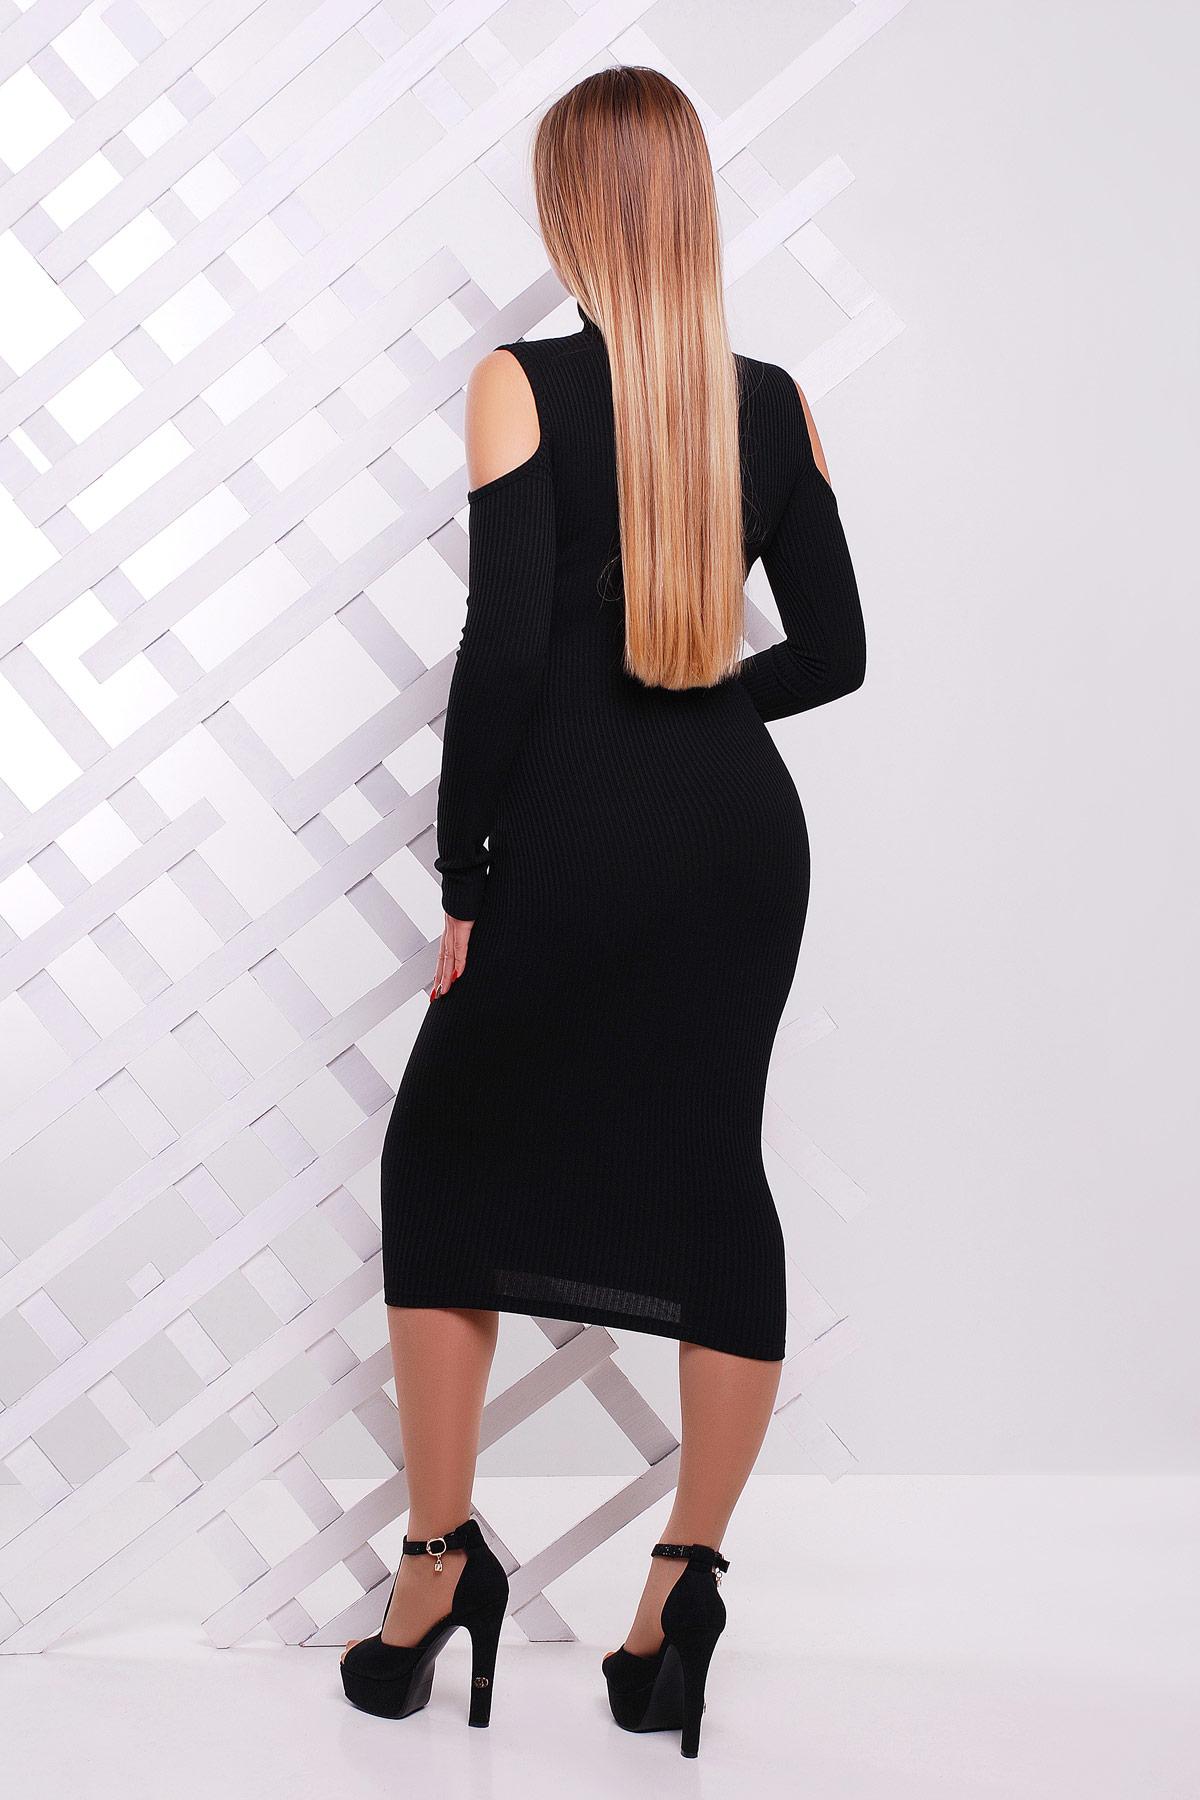 2ec8bc642875359 обтягивающее черное платье-резинка. платье Резинка д/р. Цвет: черный купить